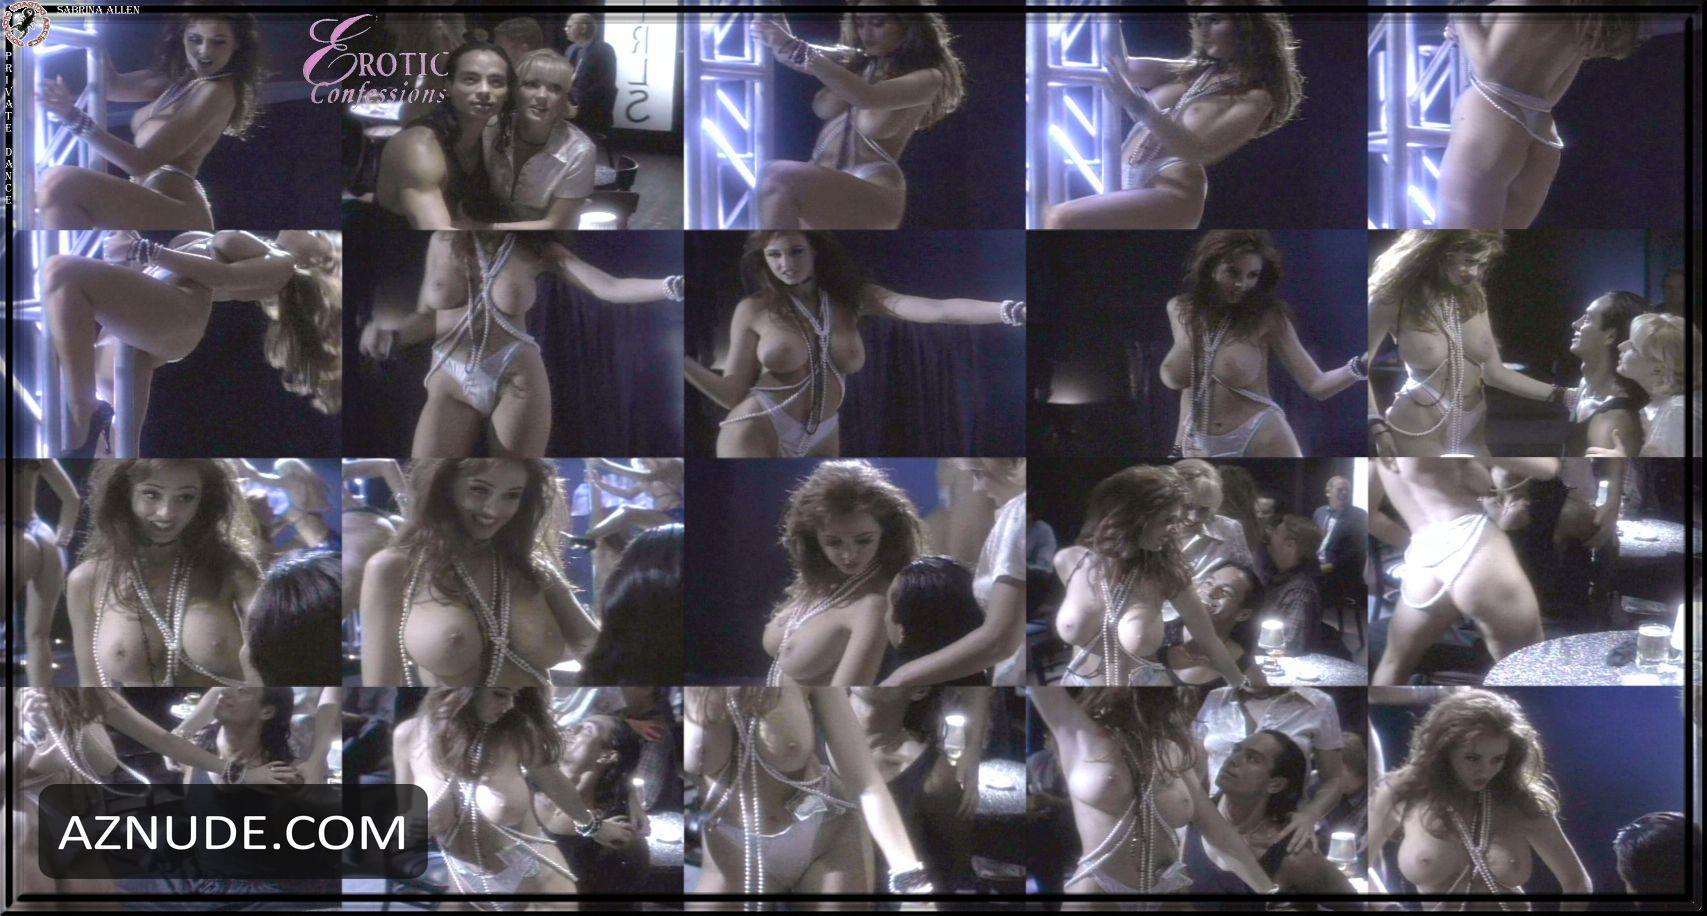 Watch Rebecca Feratti Erotic Confessions Scenes